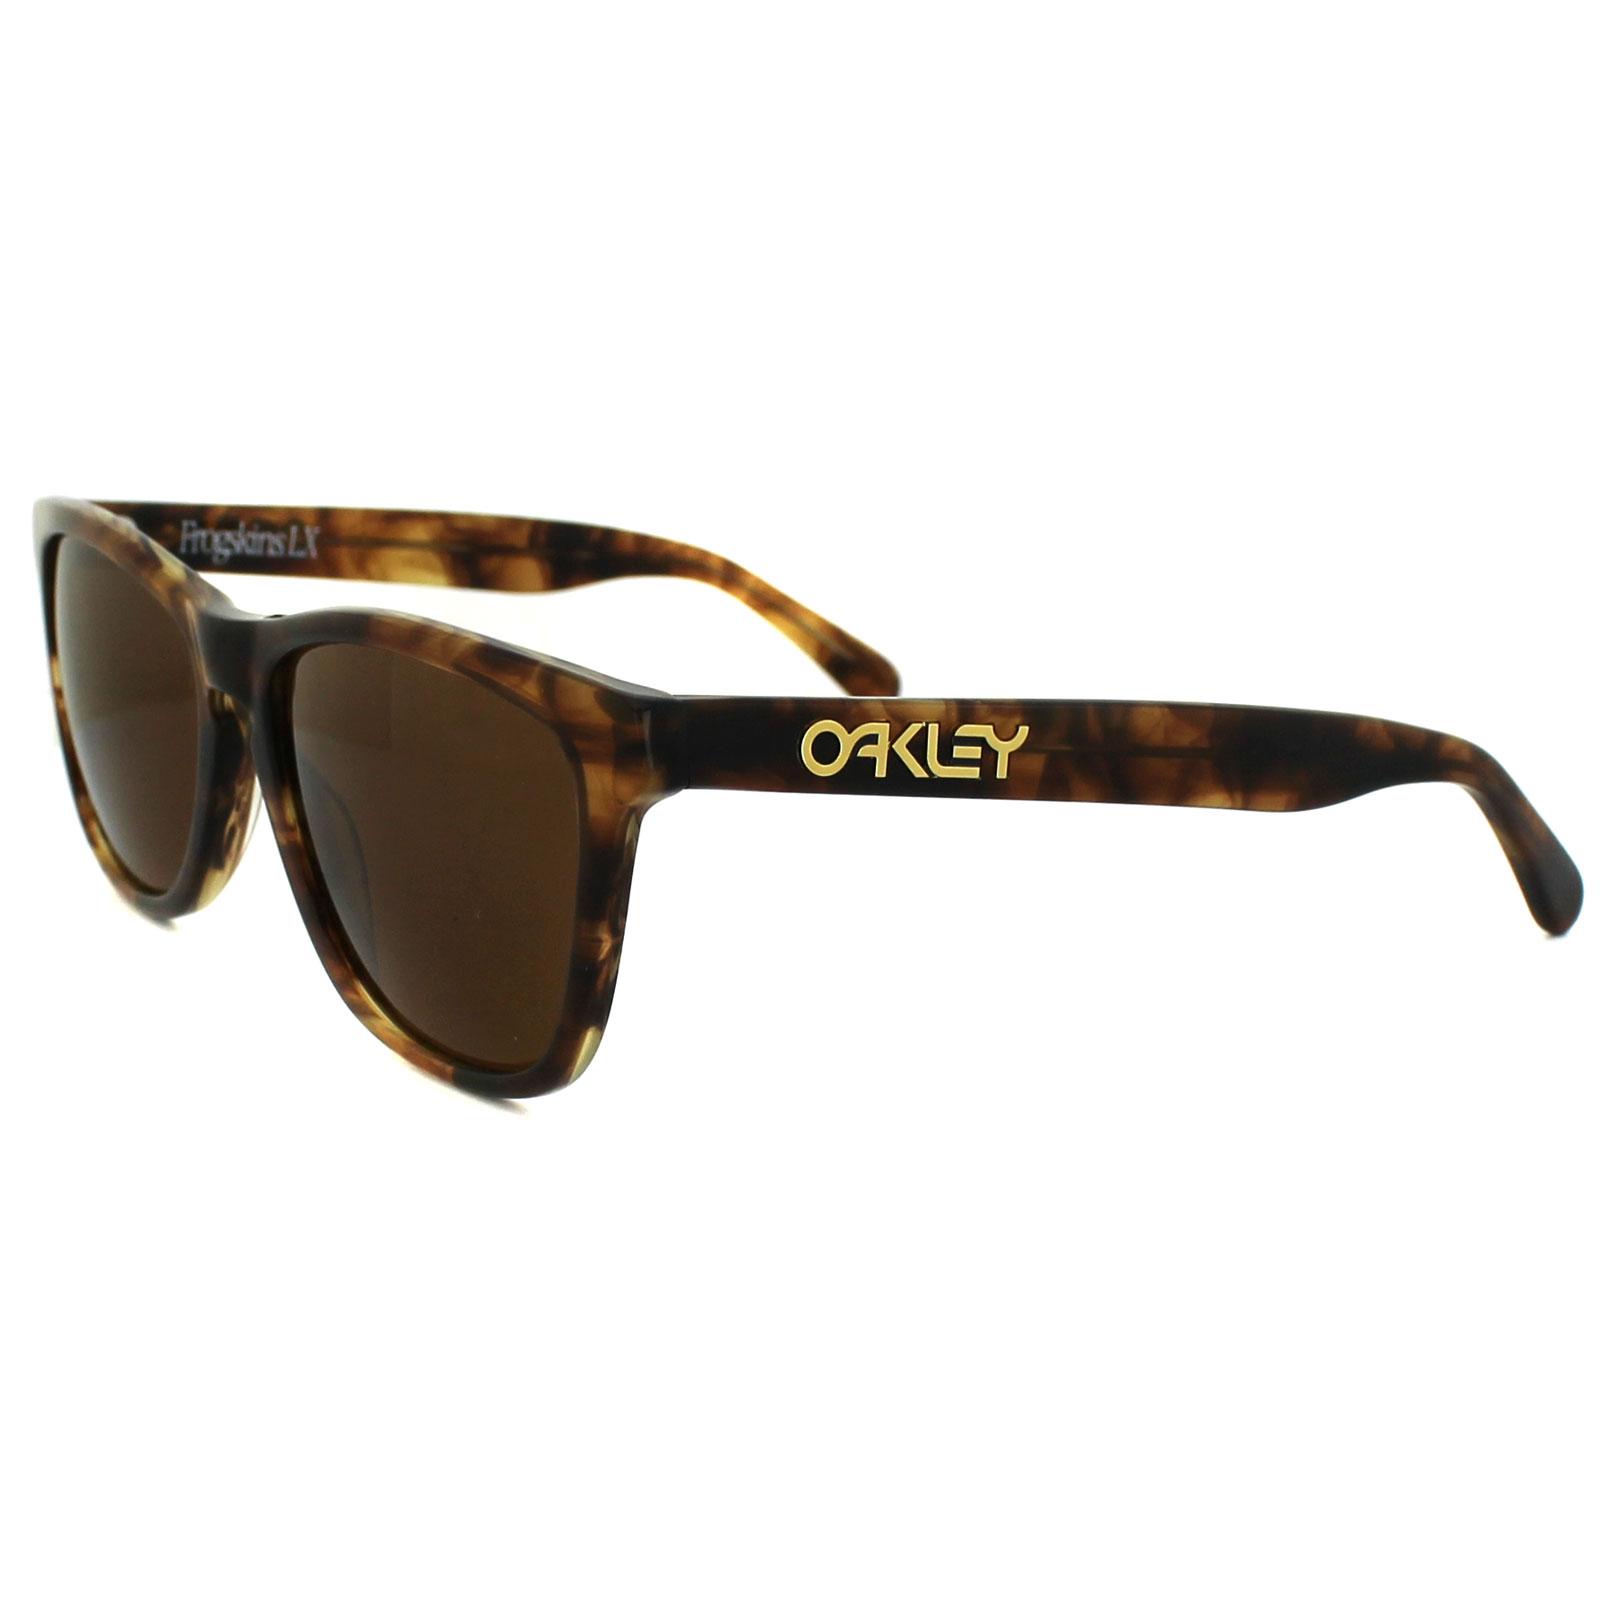 ebay oakley frogskins arsa  ebay oakley frogskins